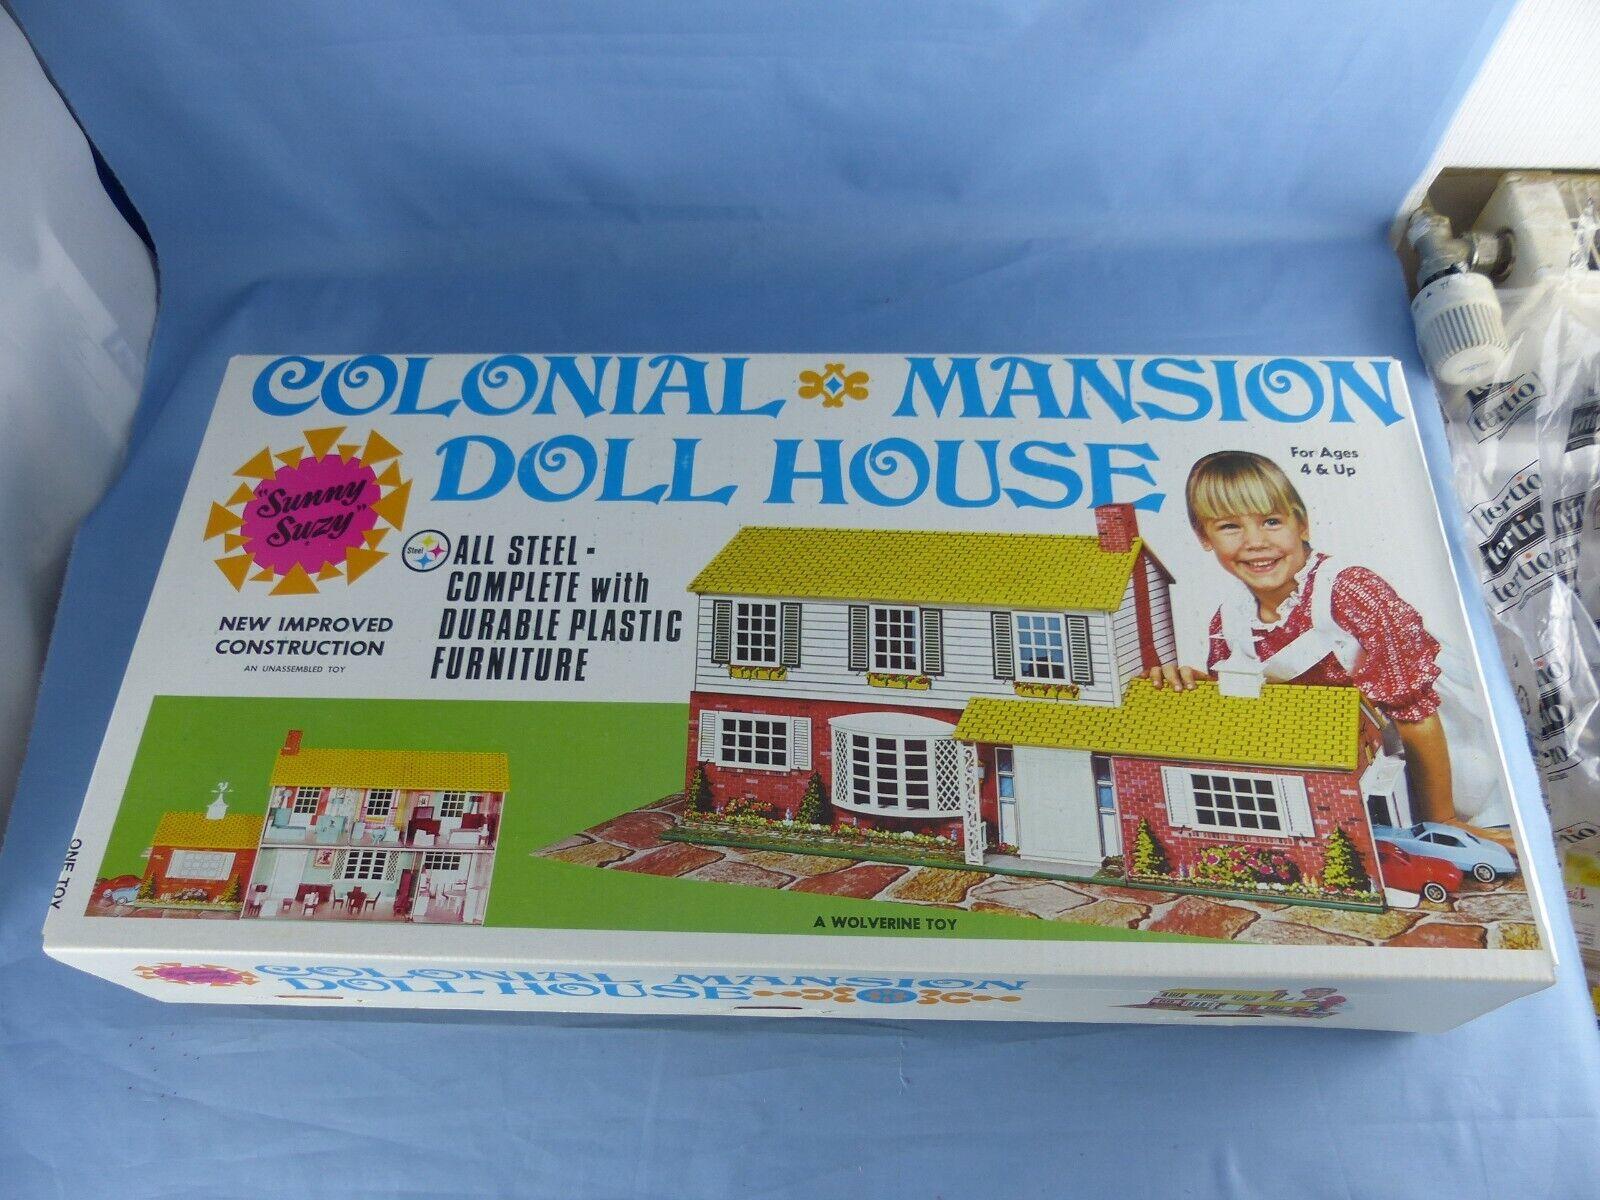 WOLVERINE TOY COLONIAL MANSION DOLL HOUSE TIN maison de poupée tôle litho N° 826